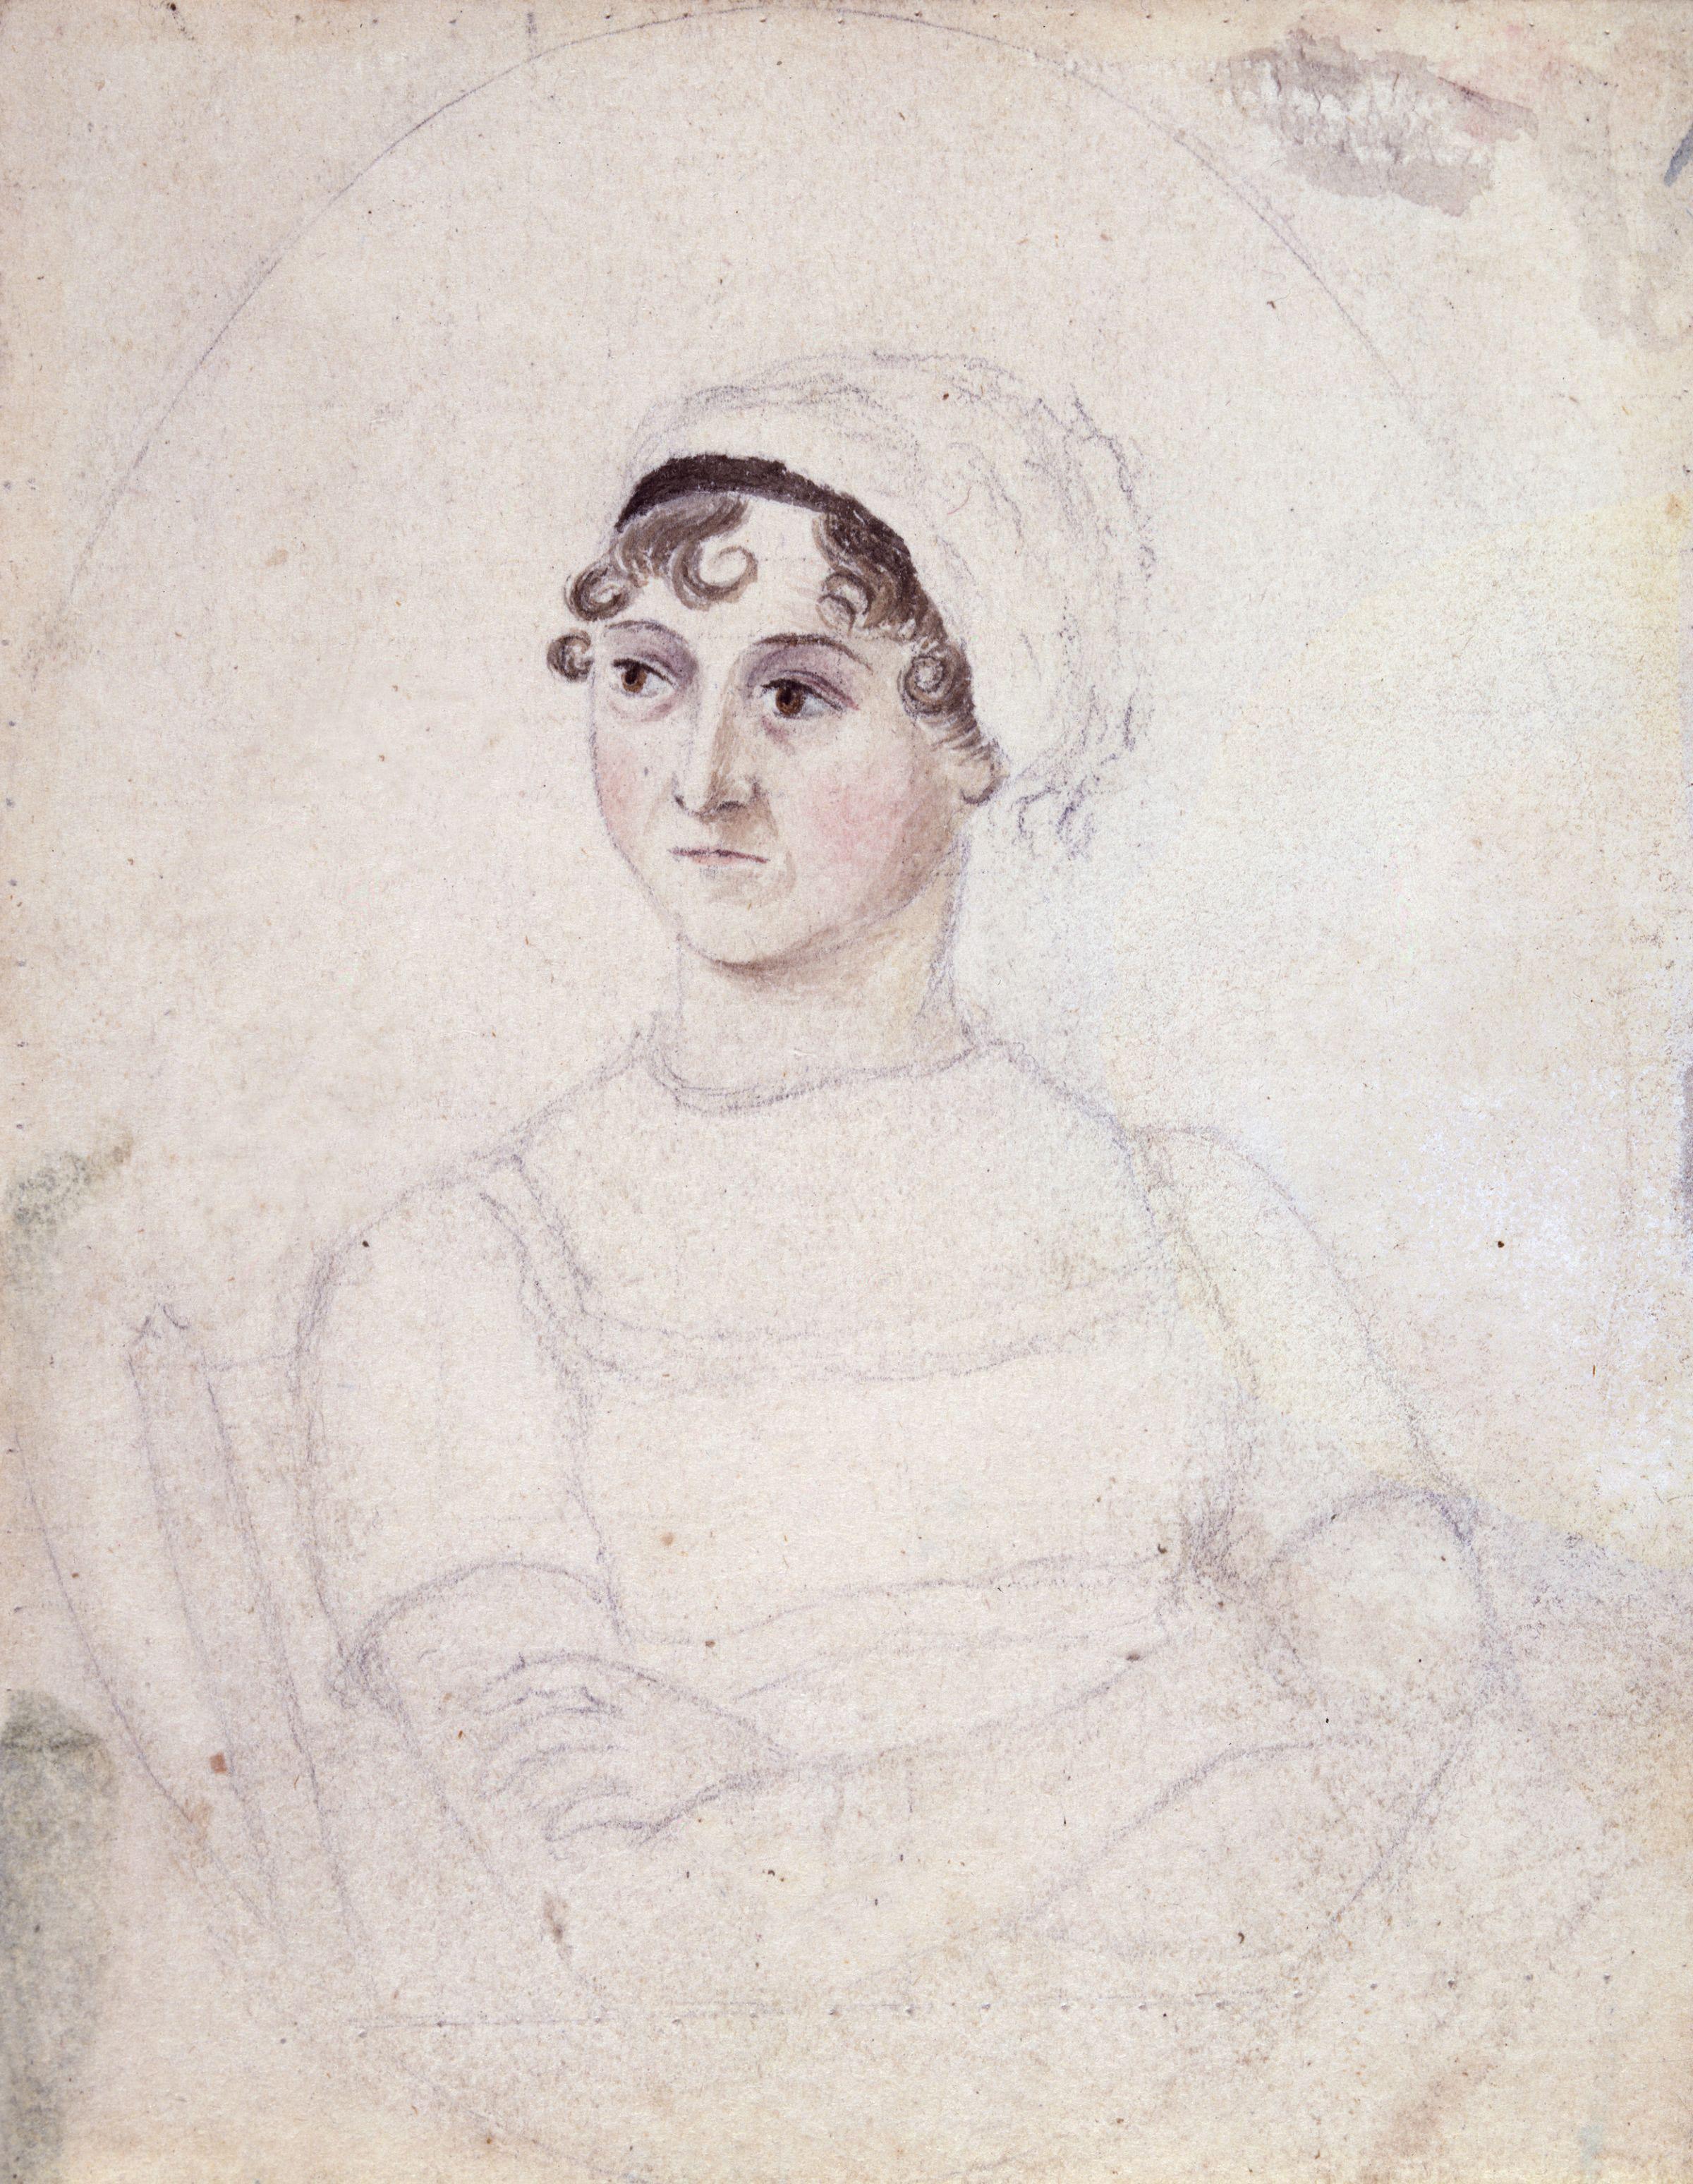 Jane Austen Cassandra Austen sketch